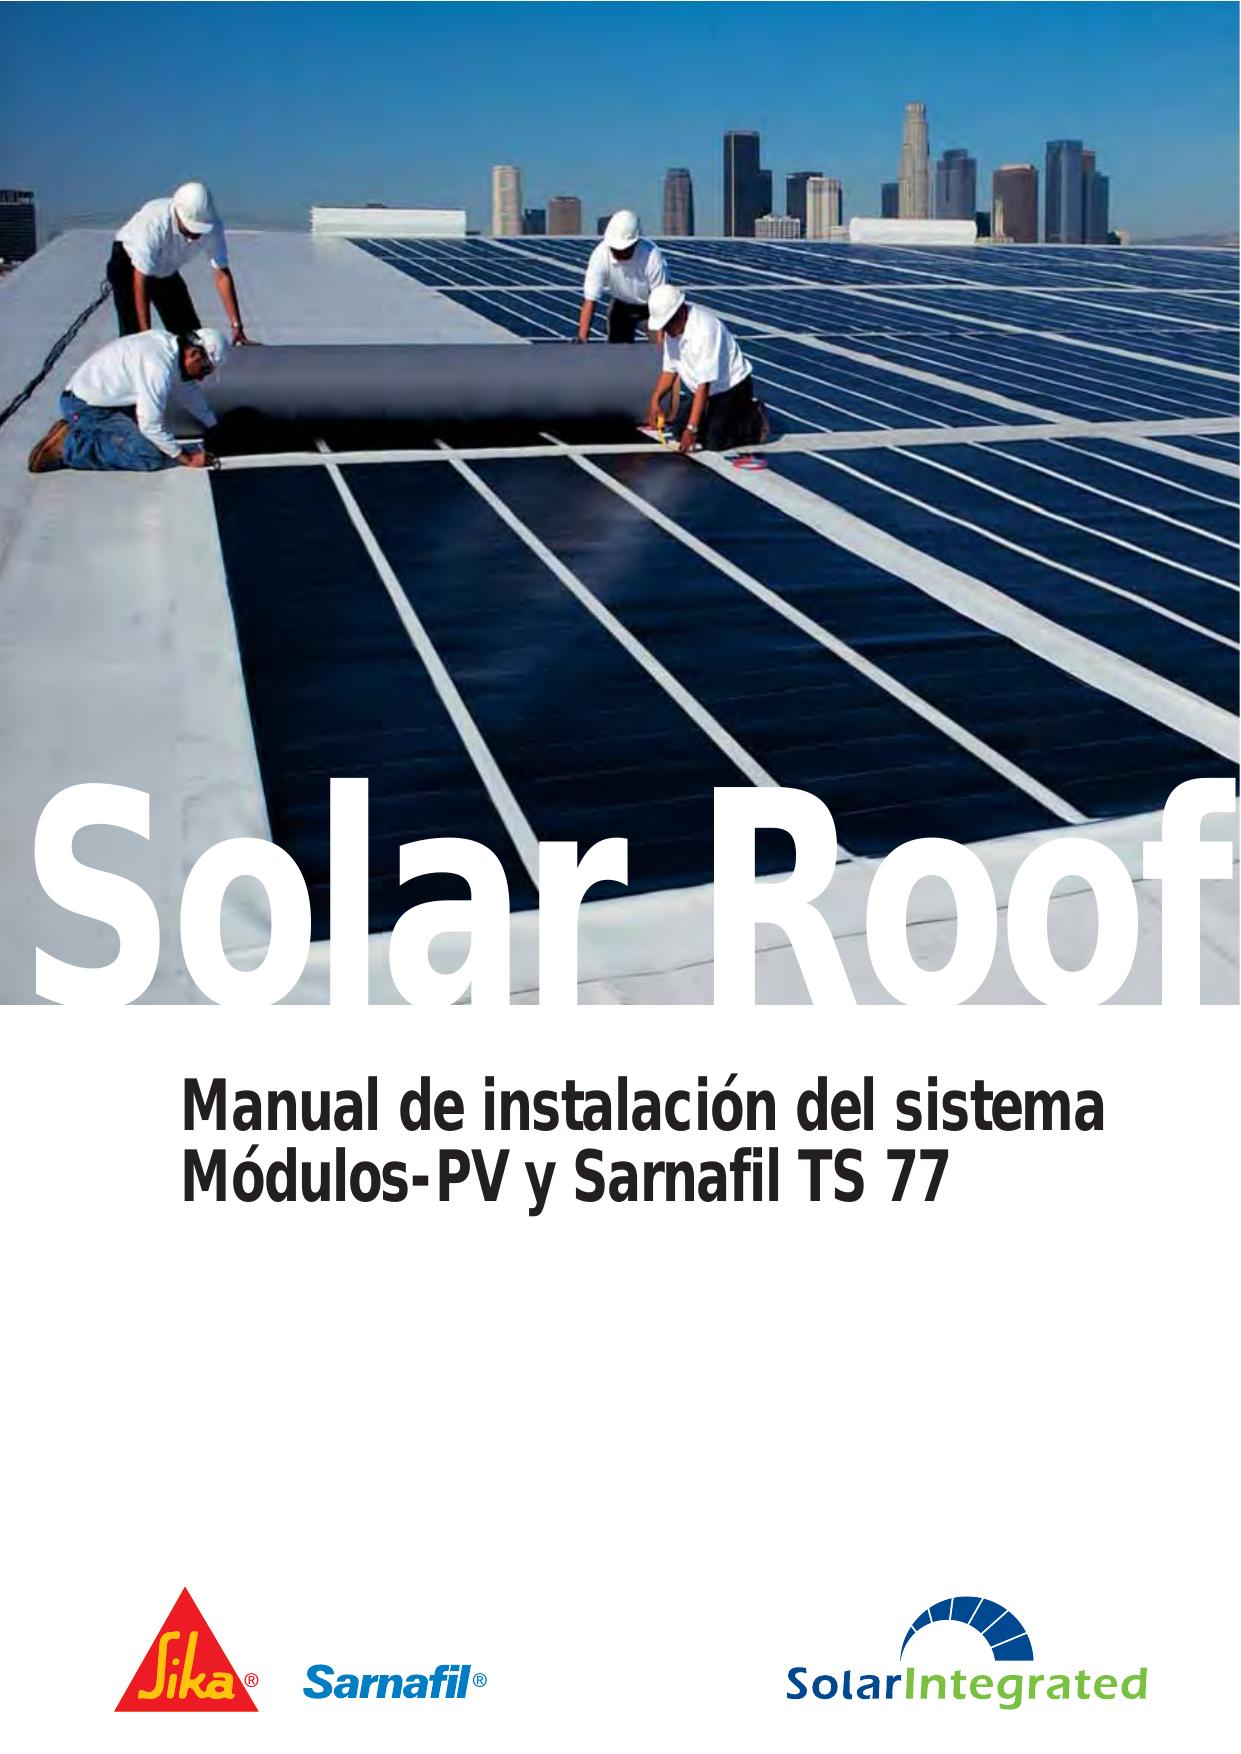 Manual de instalación del sistema Módulos | manualzz com